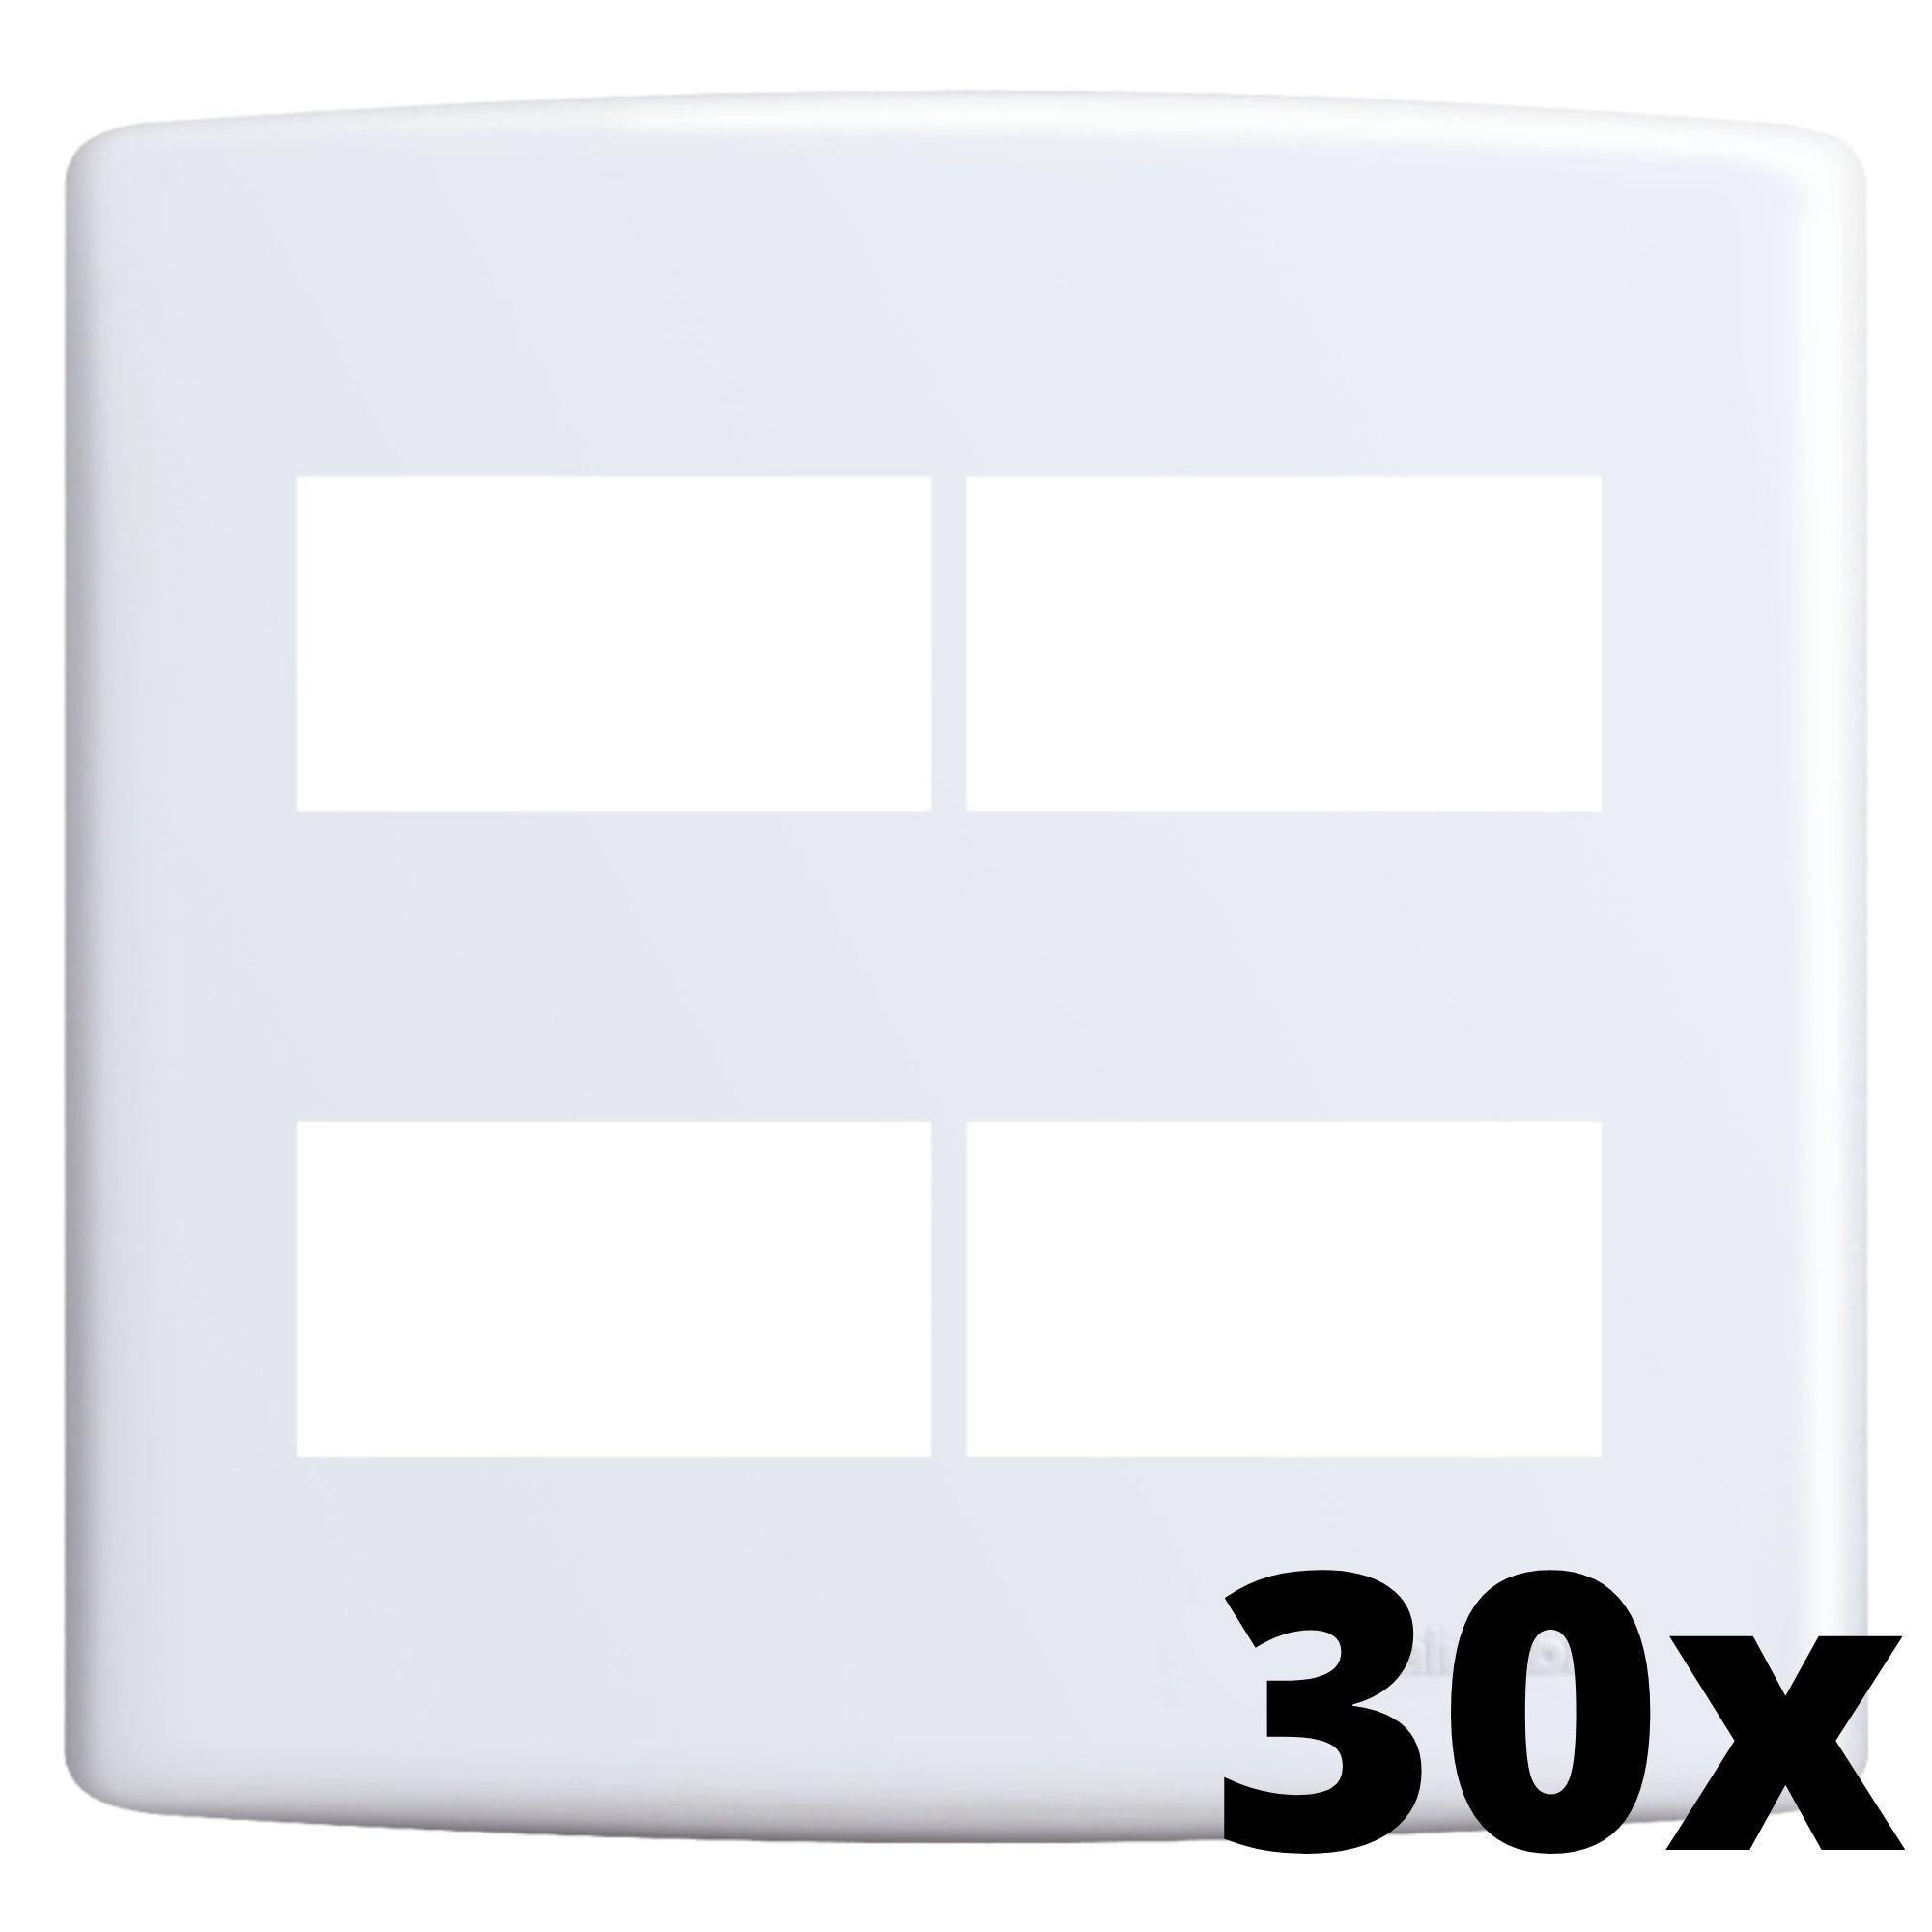 Kit 30 und Siena Placa 4x4 2 Seções + 2 Seções Distanciadas